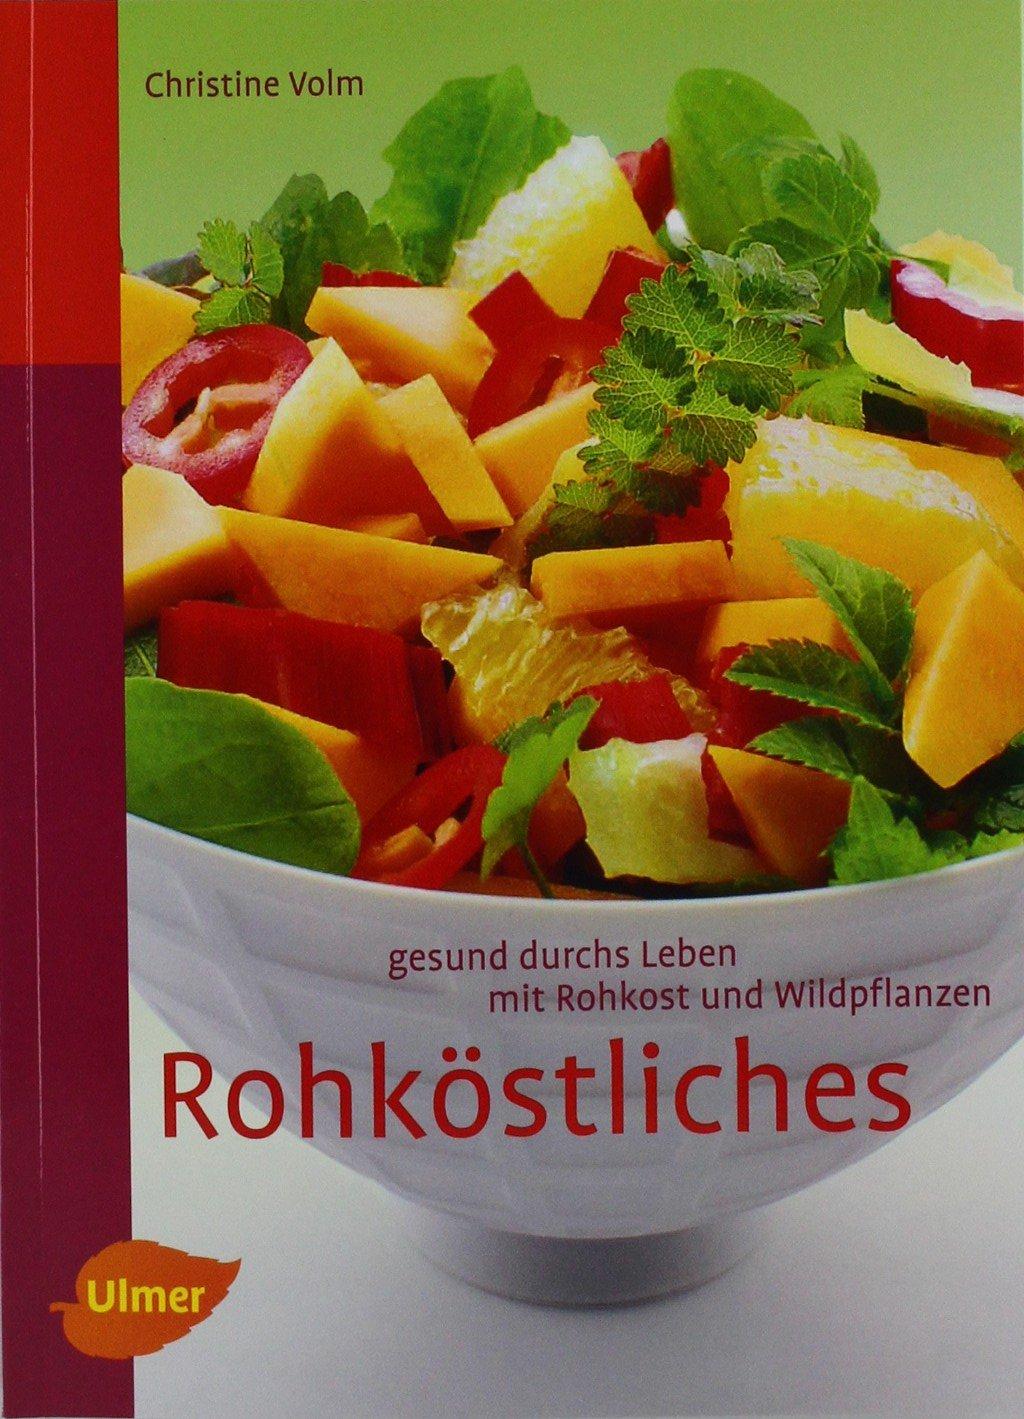 Rohköstliches: Gesund durchs Leben mit Rohkost und Wildpflanzen